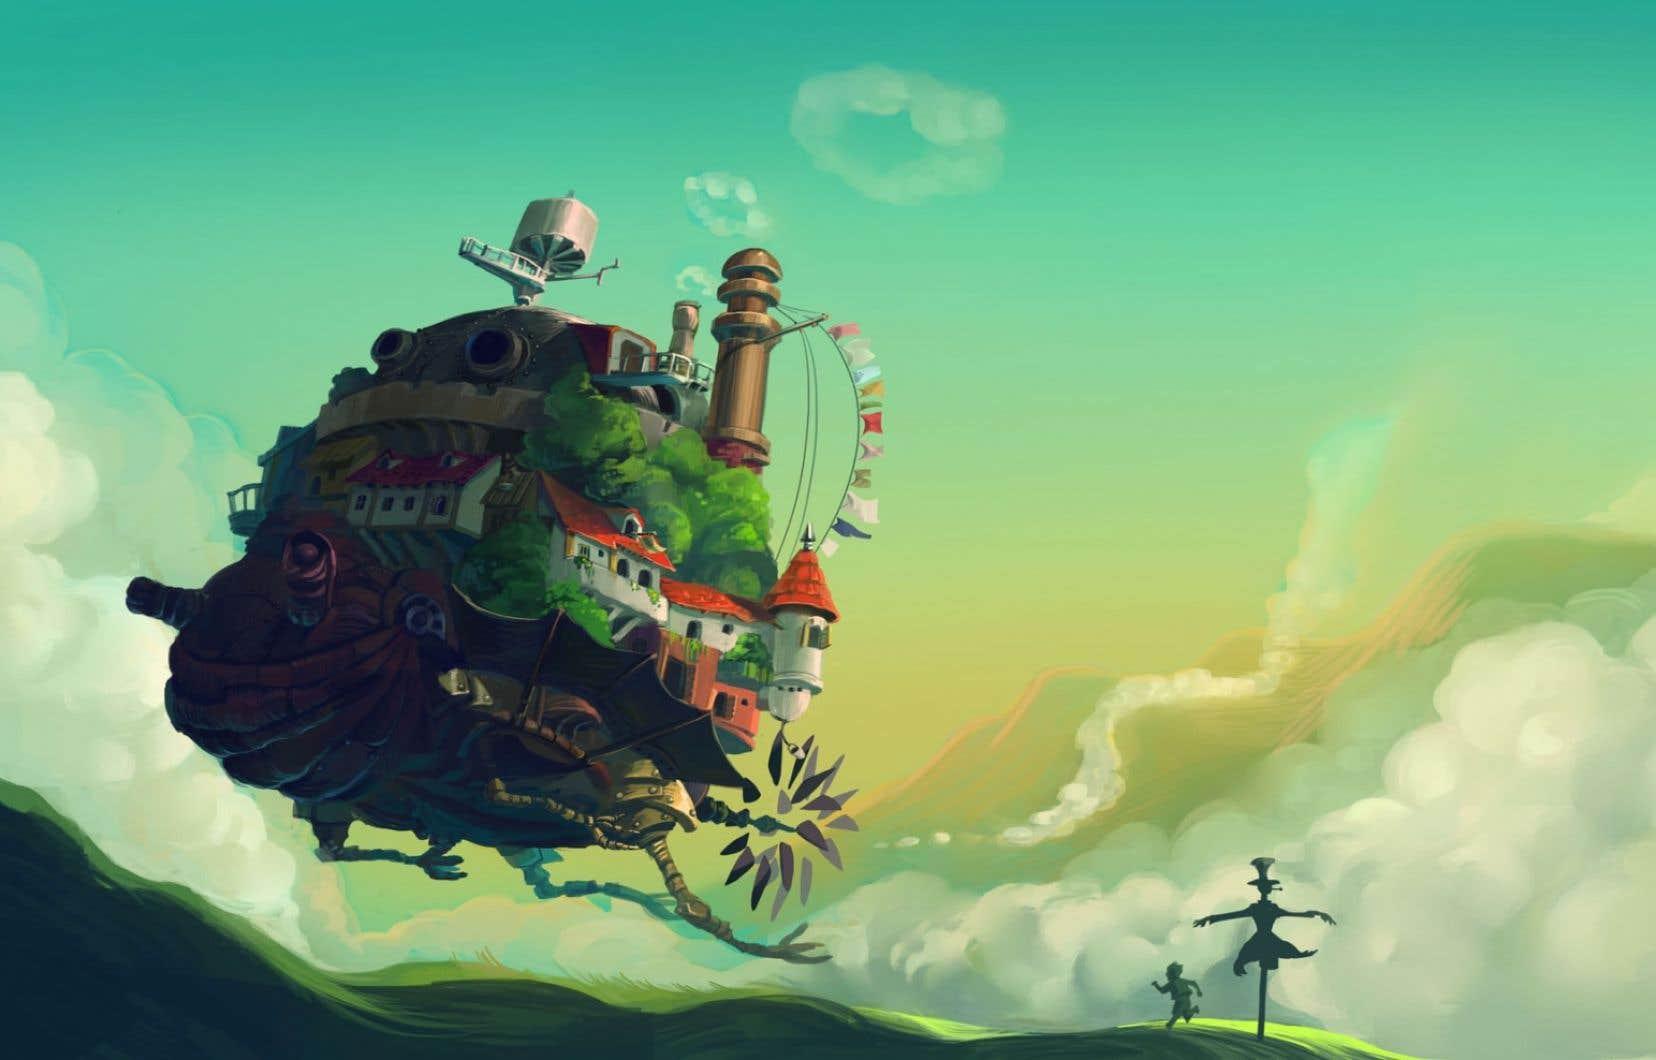 Une image du film Le château ambulant, présenté à la Mostra de Venise en 2004.